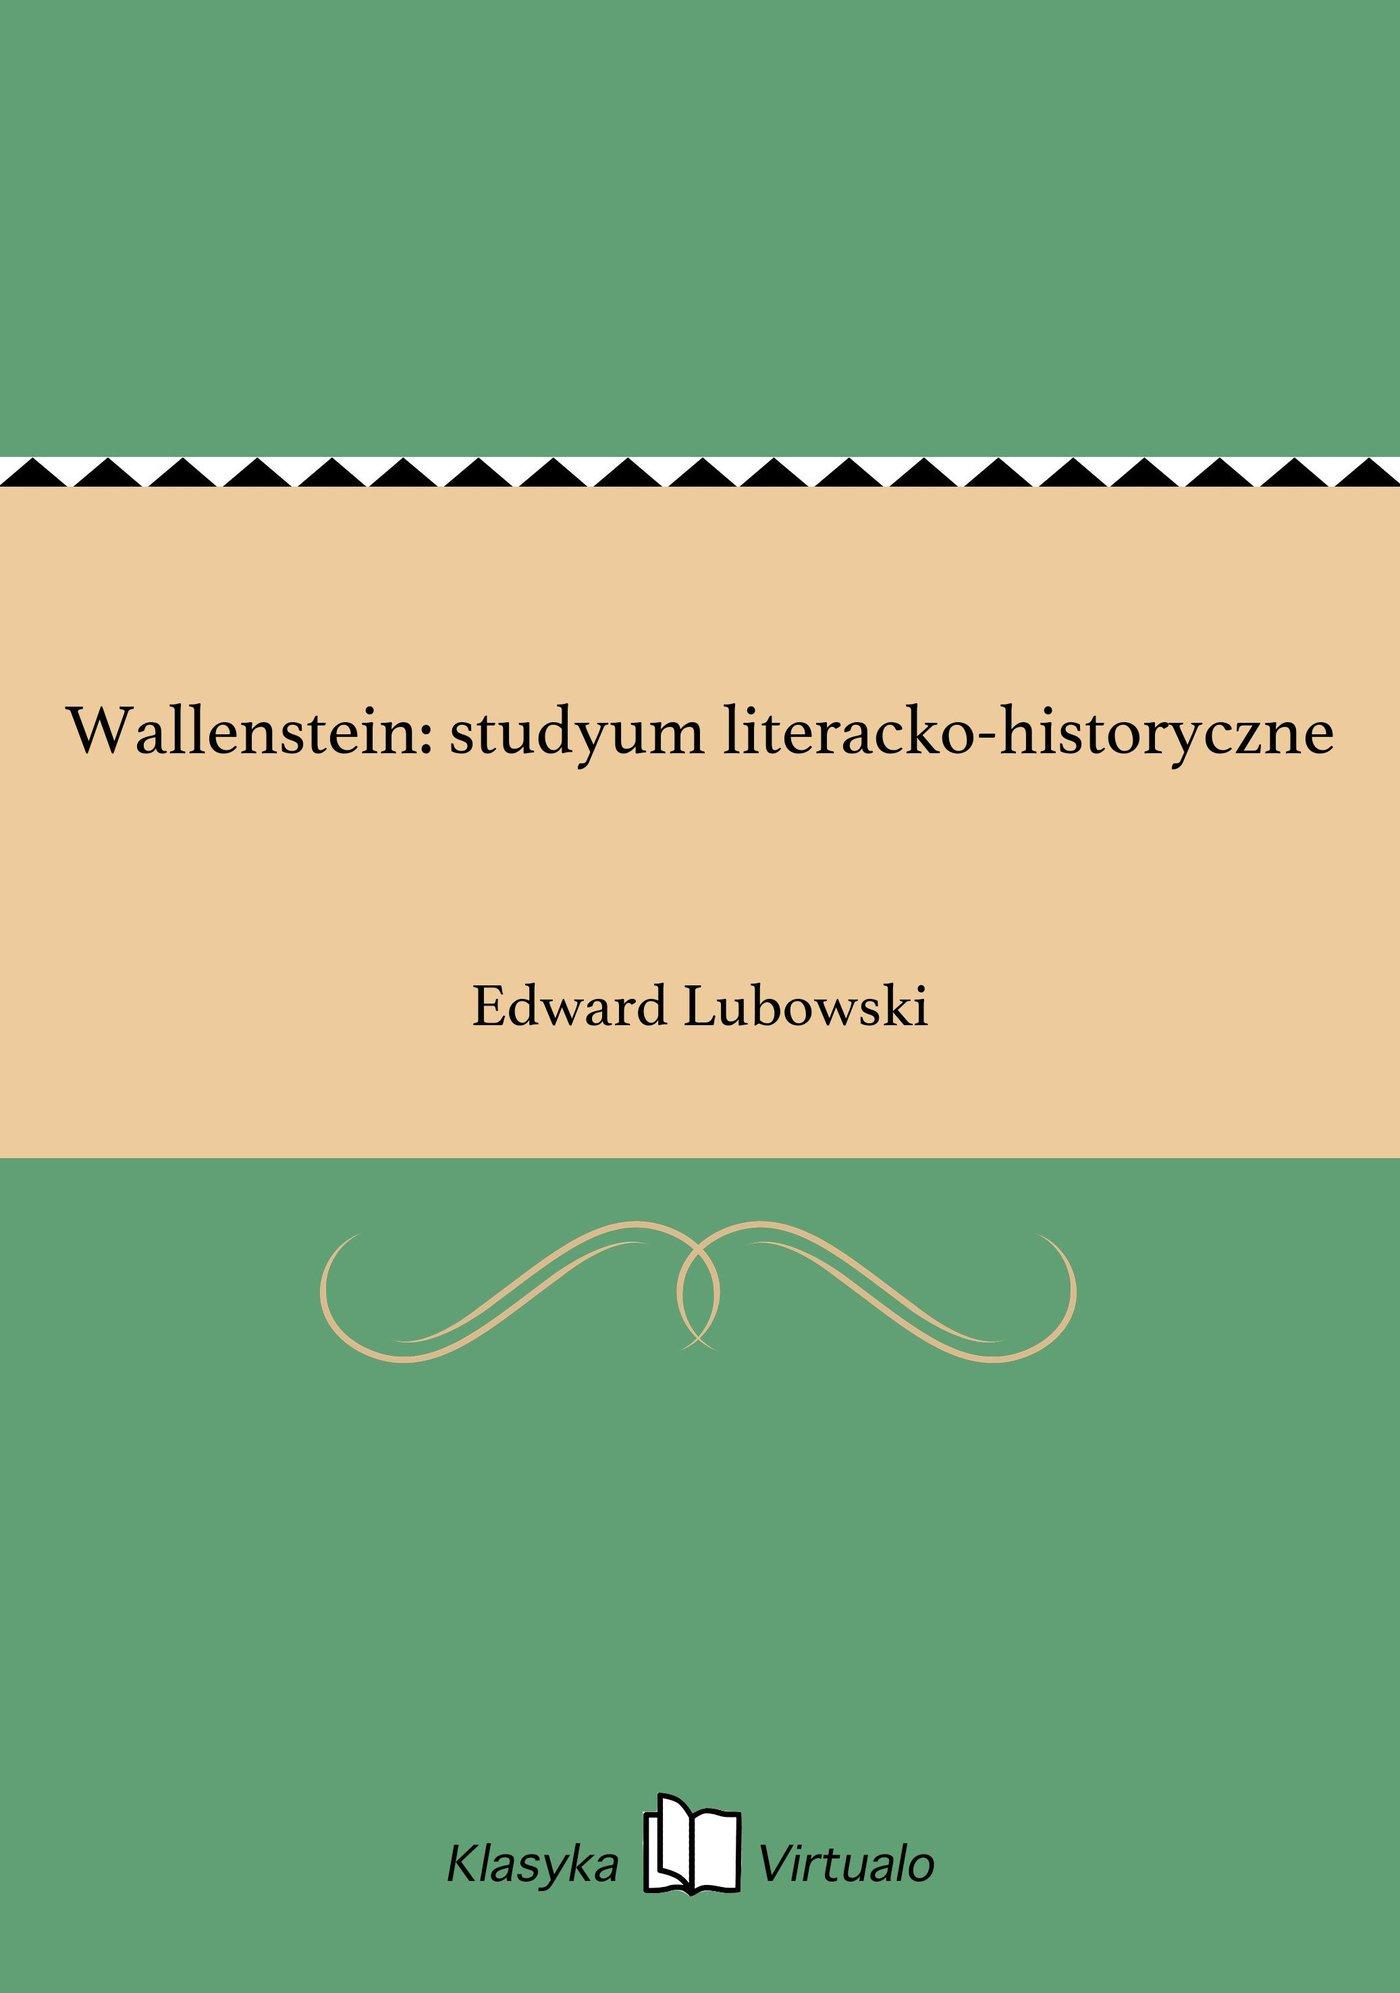 Wallenstein: studyum literacko-historyczne - Ebook (Książka EPUB) do pobrania w formacie EPUB